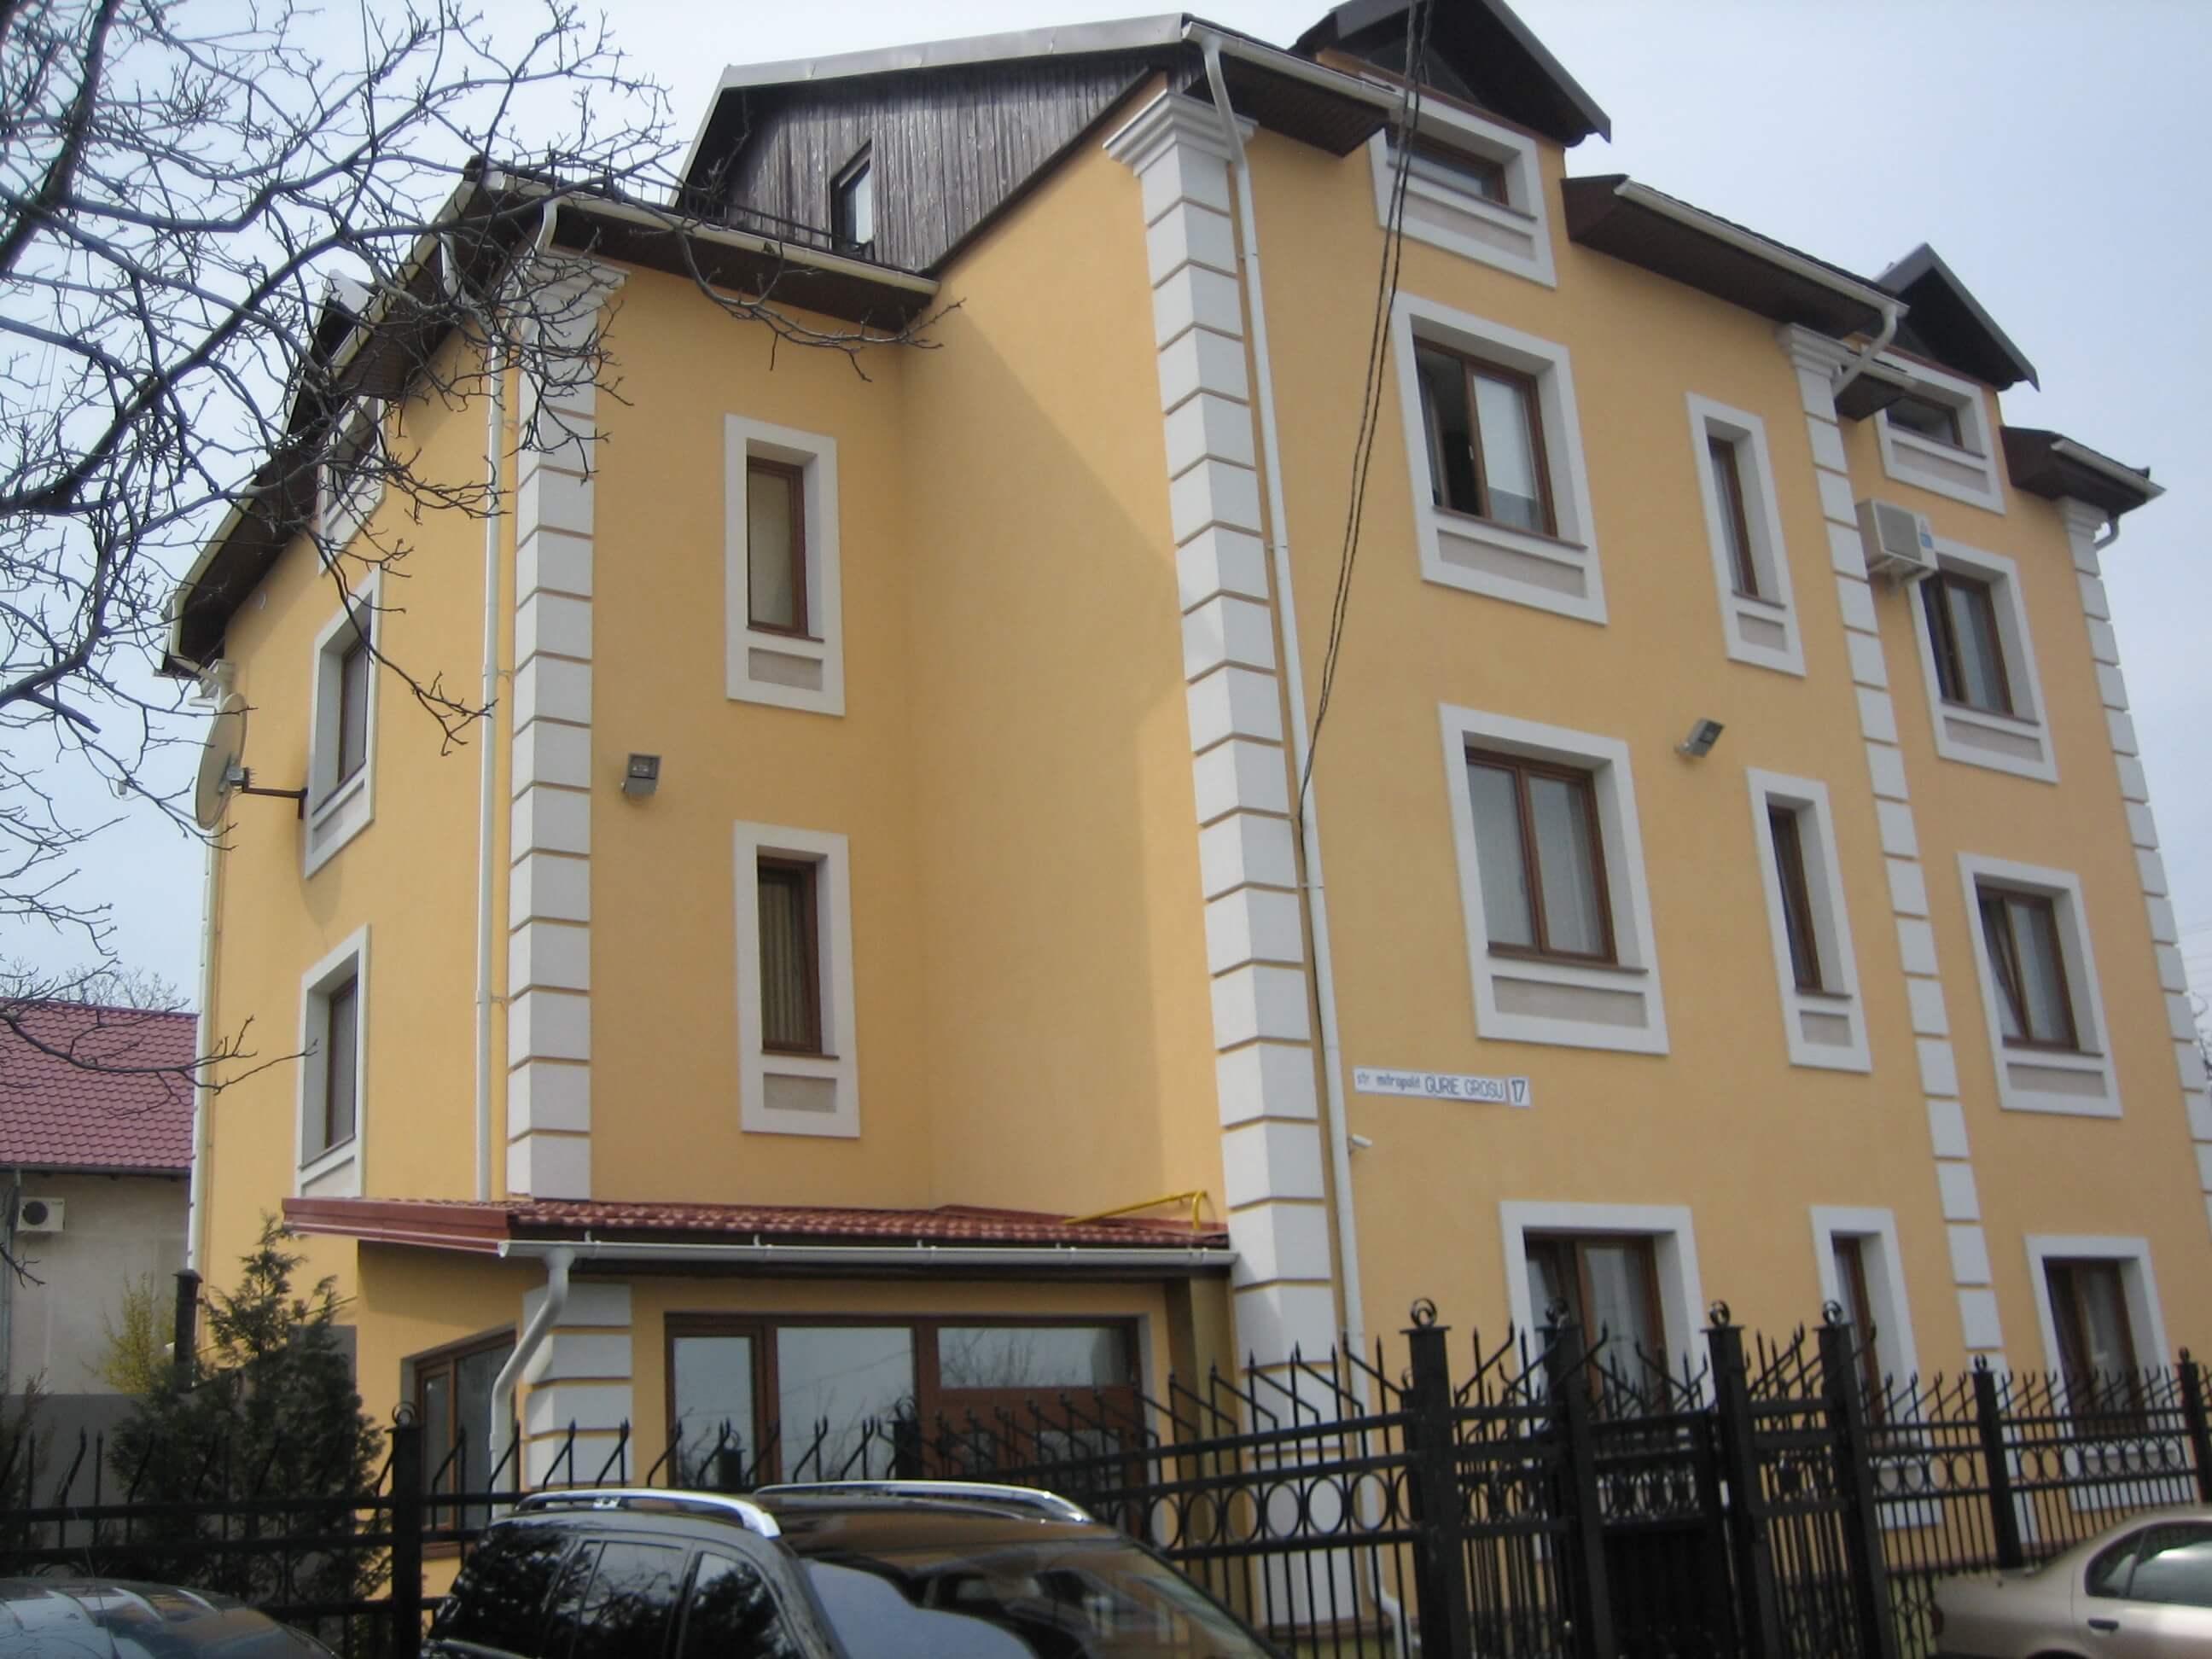 Termoart Lux Termoizolarea Fatadelor Fatade Ventilate In Moldova